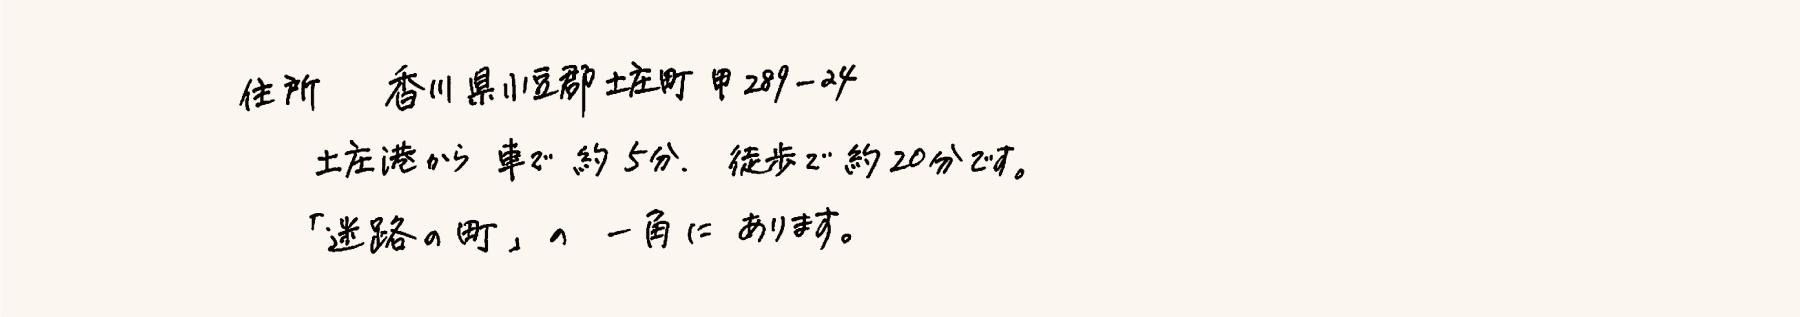 住所   香川県小豆郡土庄町本町甲289-24 土庄港から車 約5分、徒歩で20分です。「迷路の町」の一角にあります。